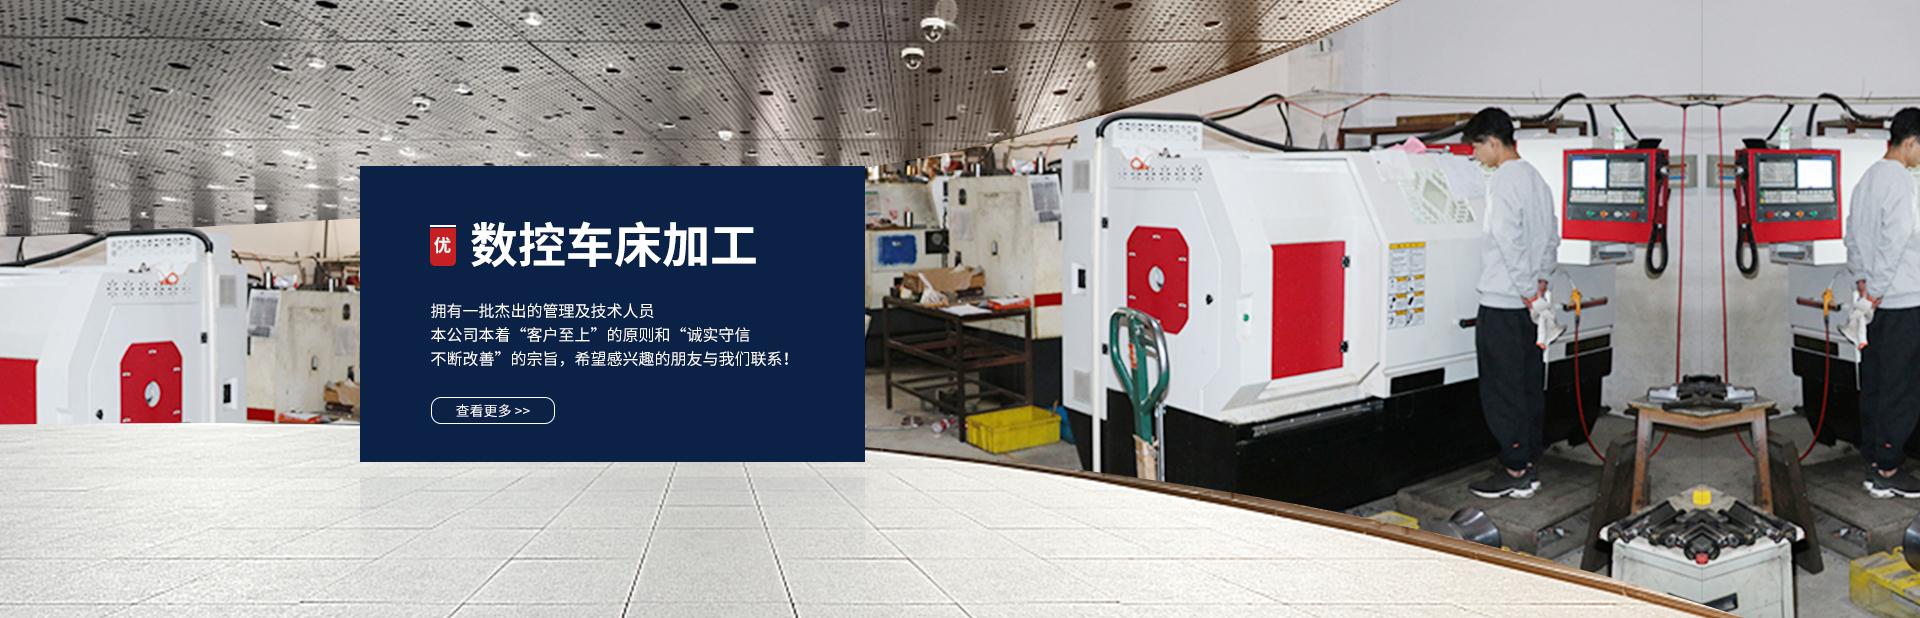 昆山數控車床加工,昆山cnc加工,昆山自動化零件加工